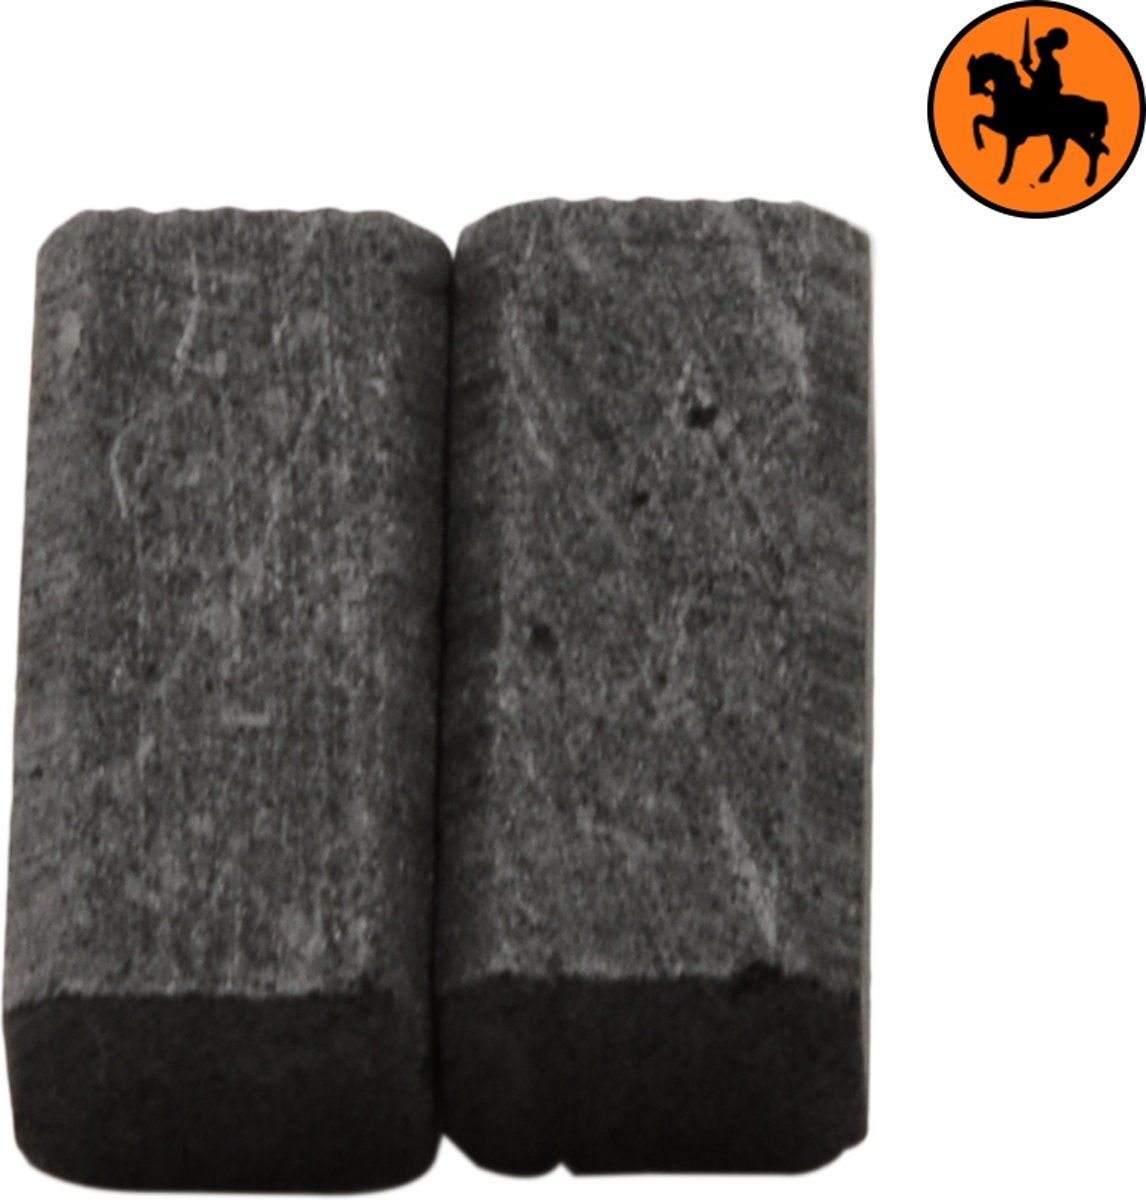 Koolborstelset voor Black & Decker frees/zaag SAG500 - 6x6x12,5mm kopen